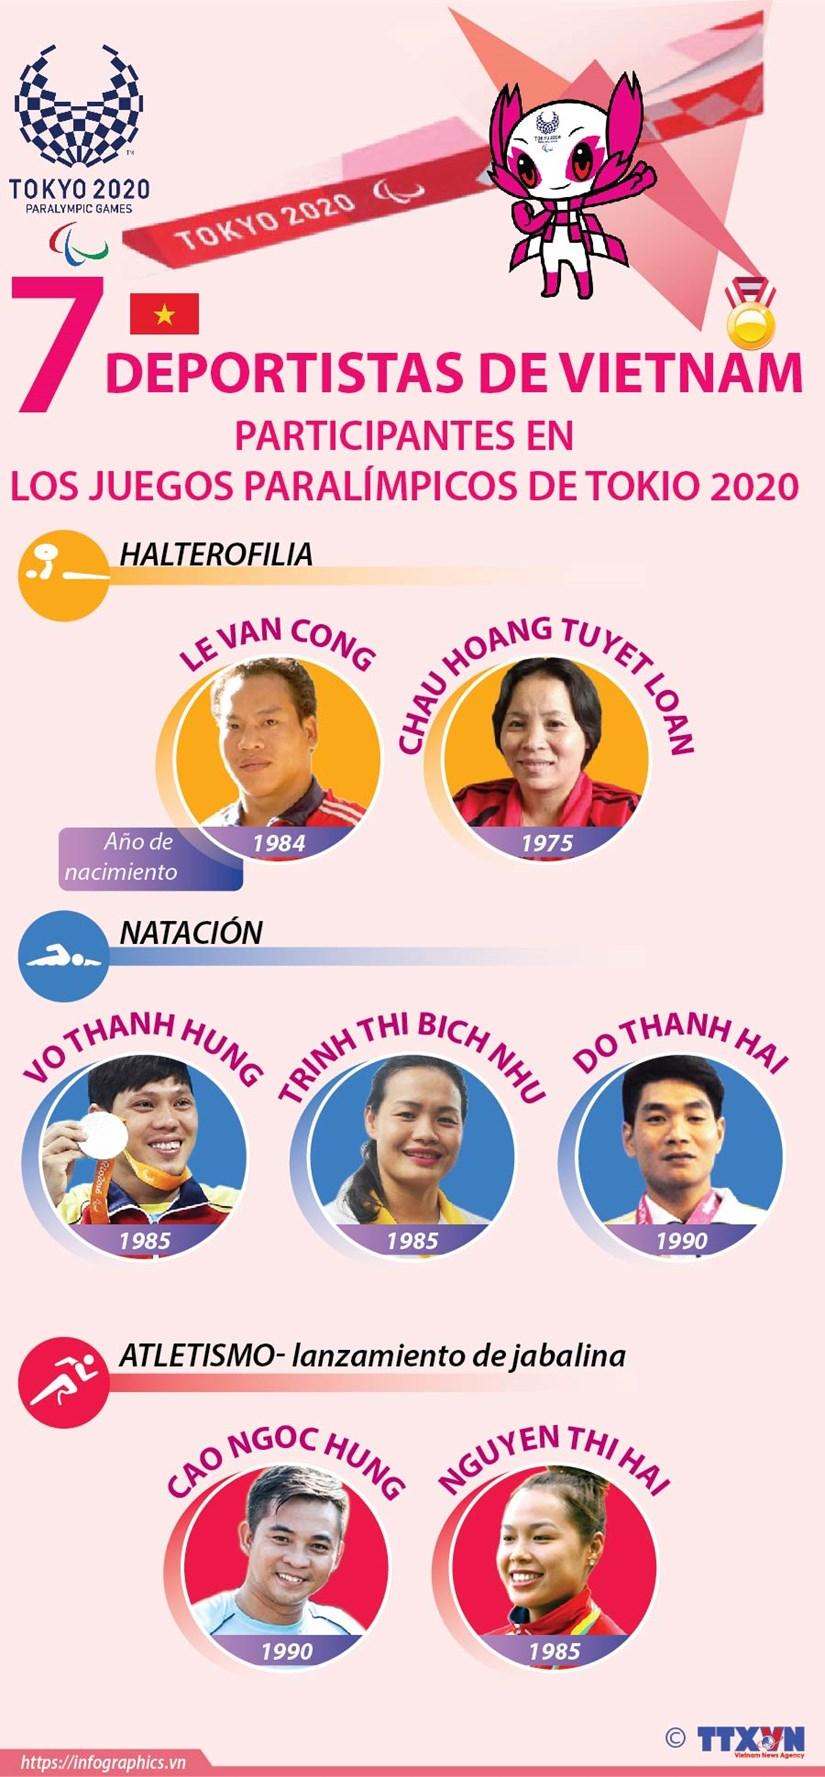 Vietnam con siete atletas en los Juegos Paralimpicos de Tokio 2020 hinh anh 1